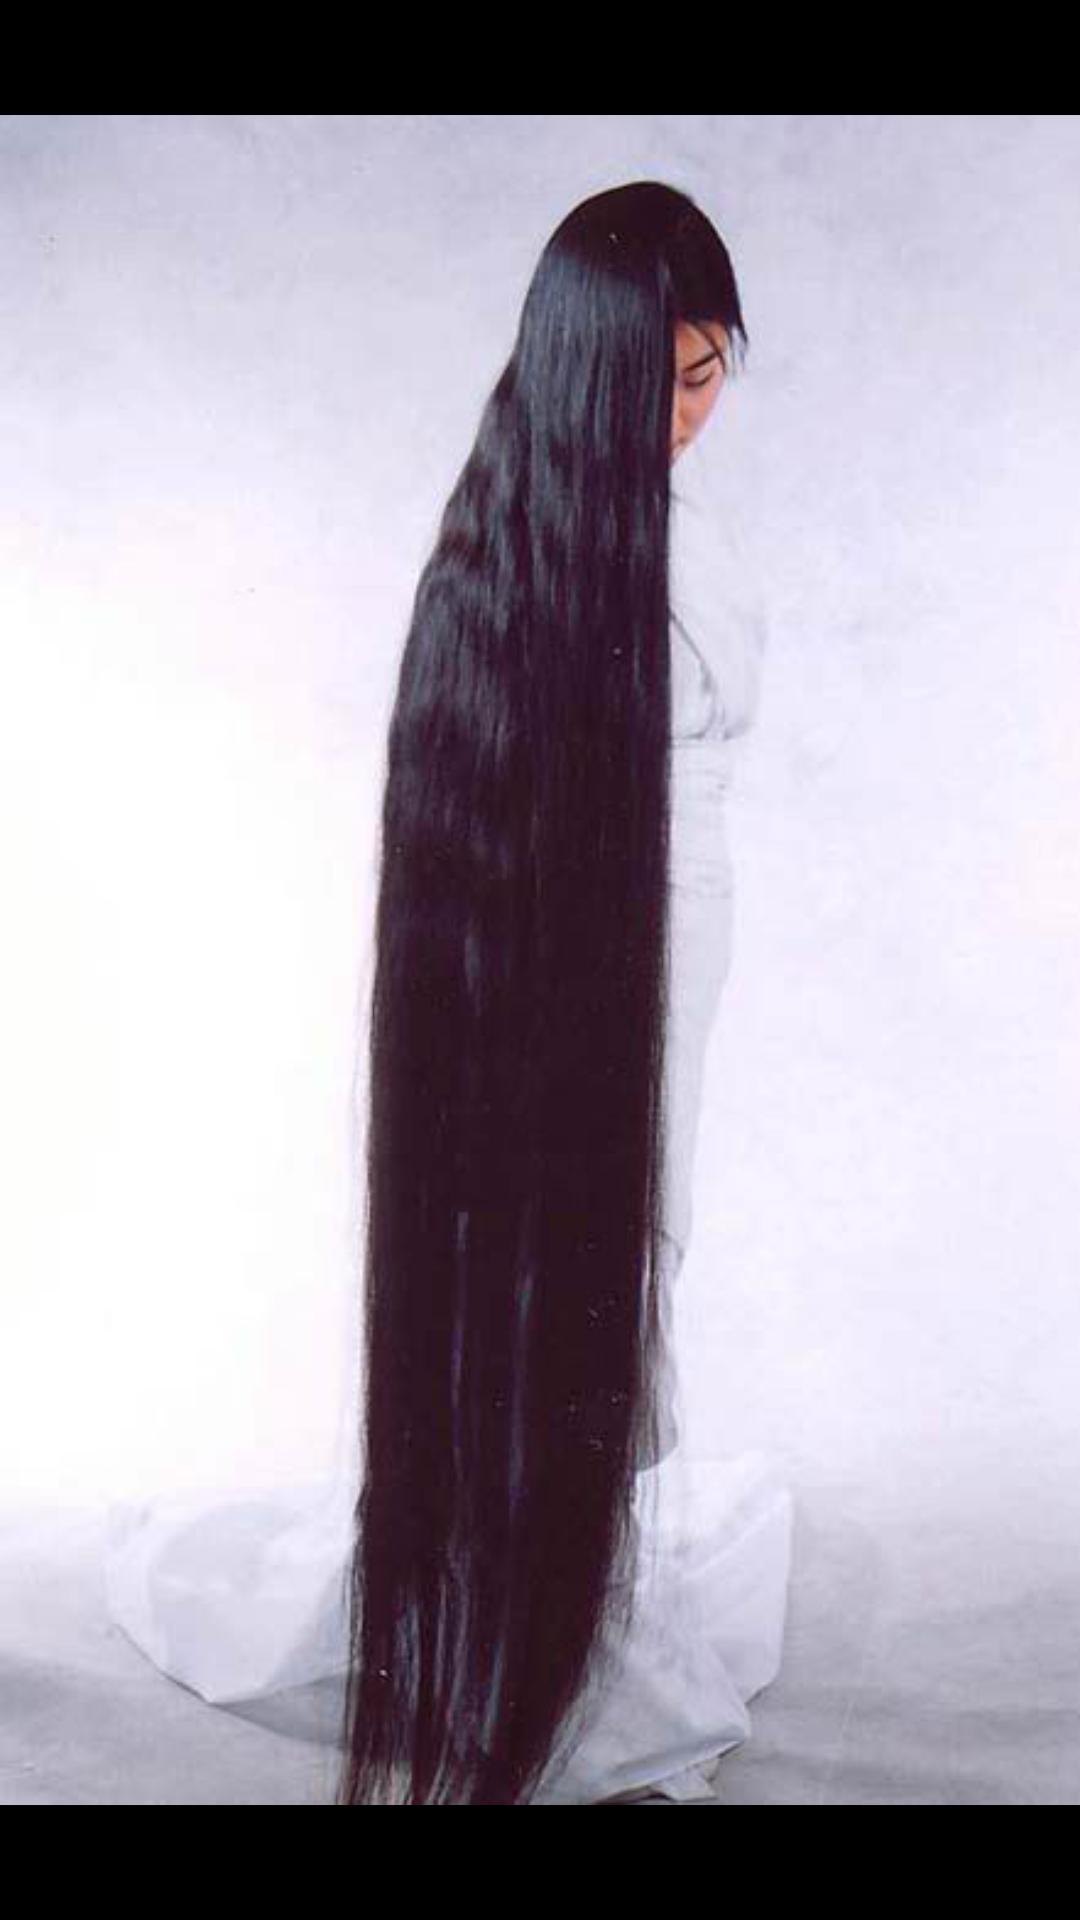 Мне во сне обрезали волосы  сонник обрезала волосы